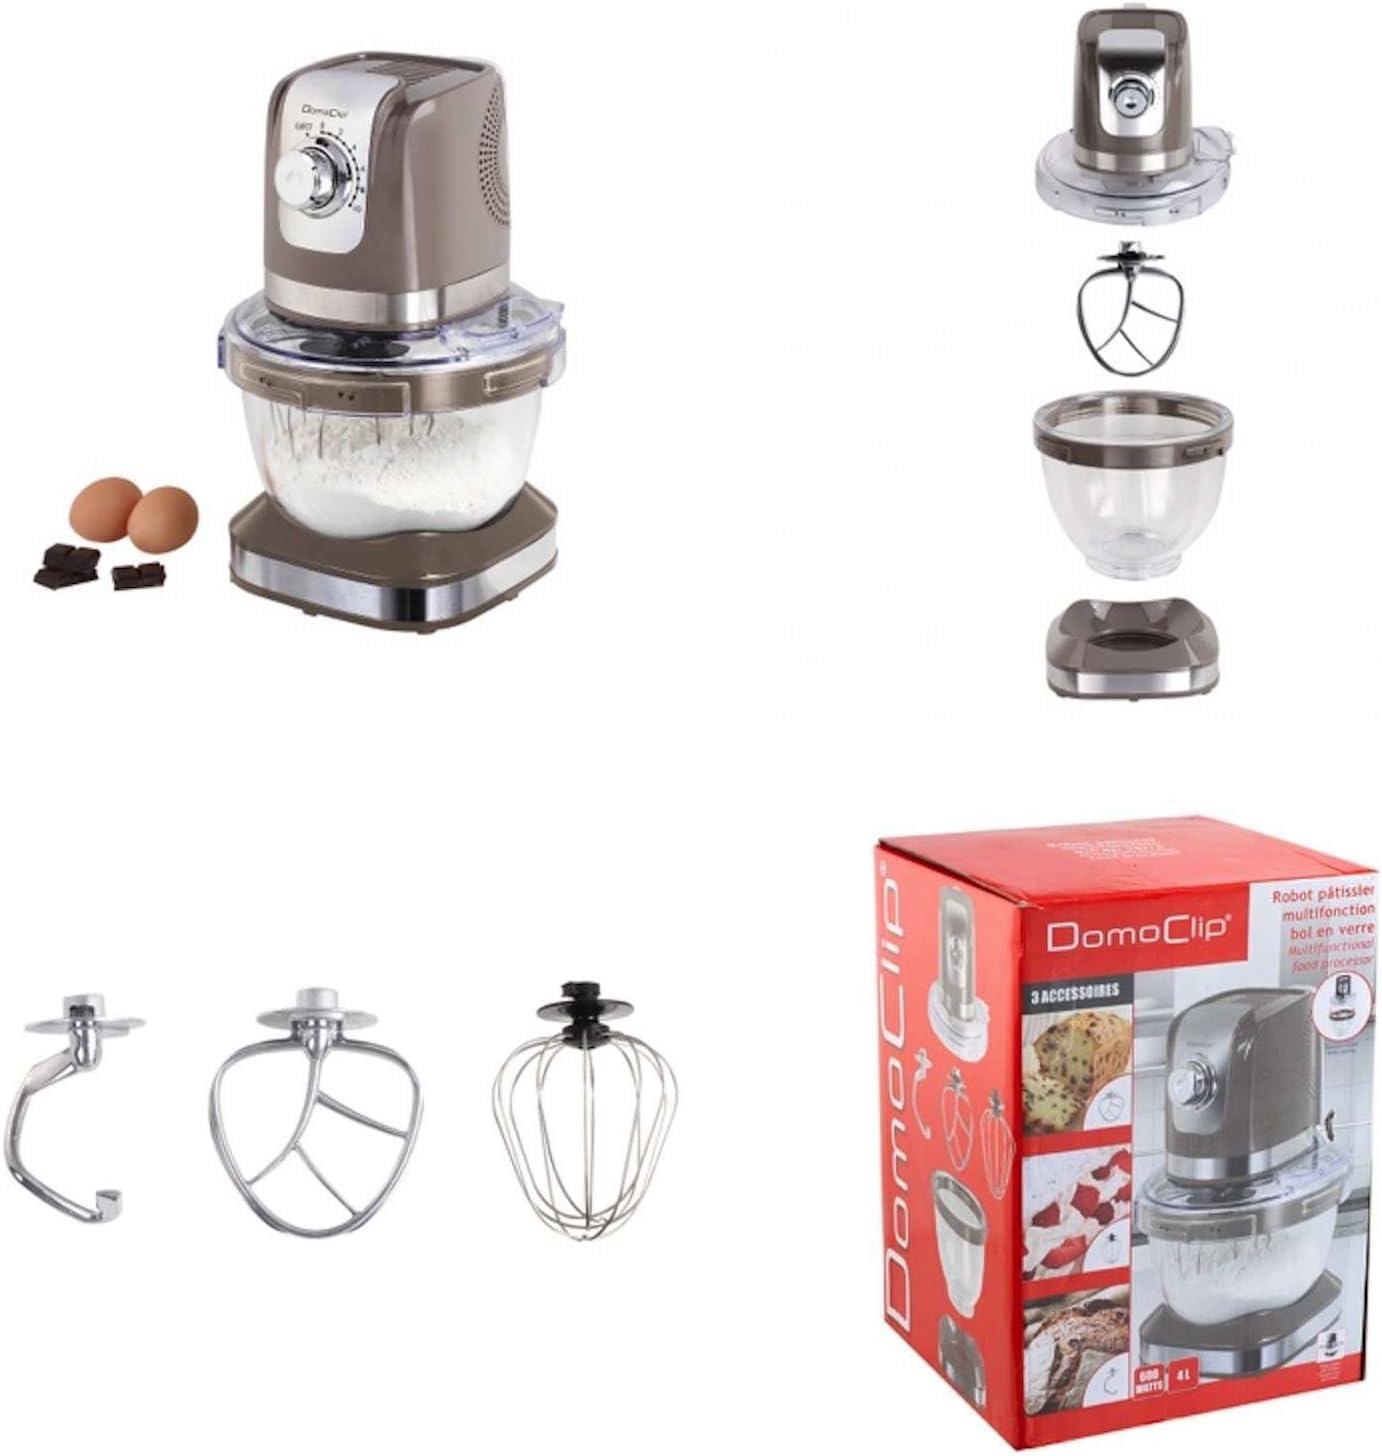 Robot de cocina con recipiente de cristal (4 litros (– Amasadora, amasadora, batidor, para mezclar Ganchos, ganchos para amasar, 600 W, Gris): Amazon.es: Hogar